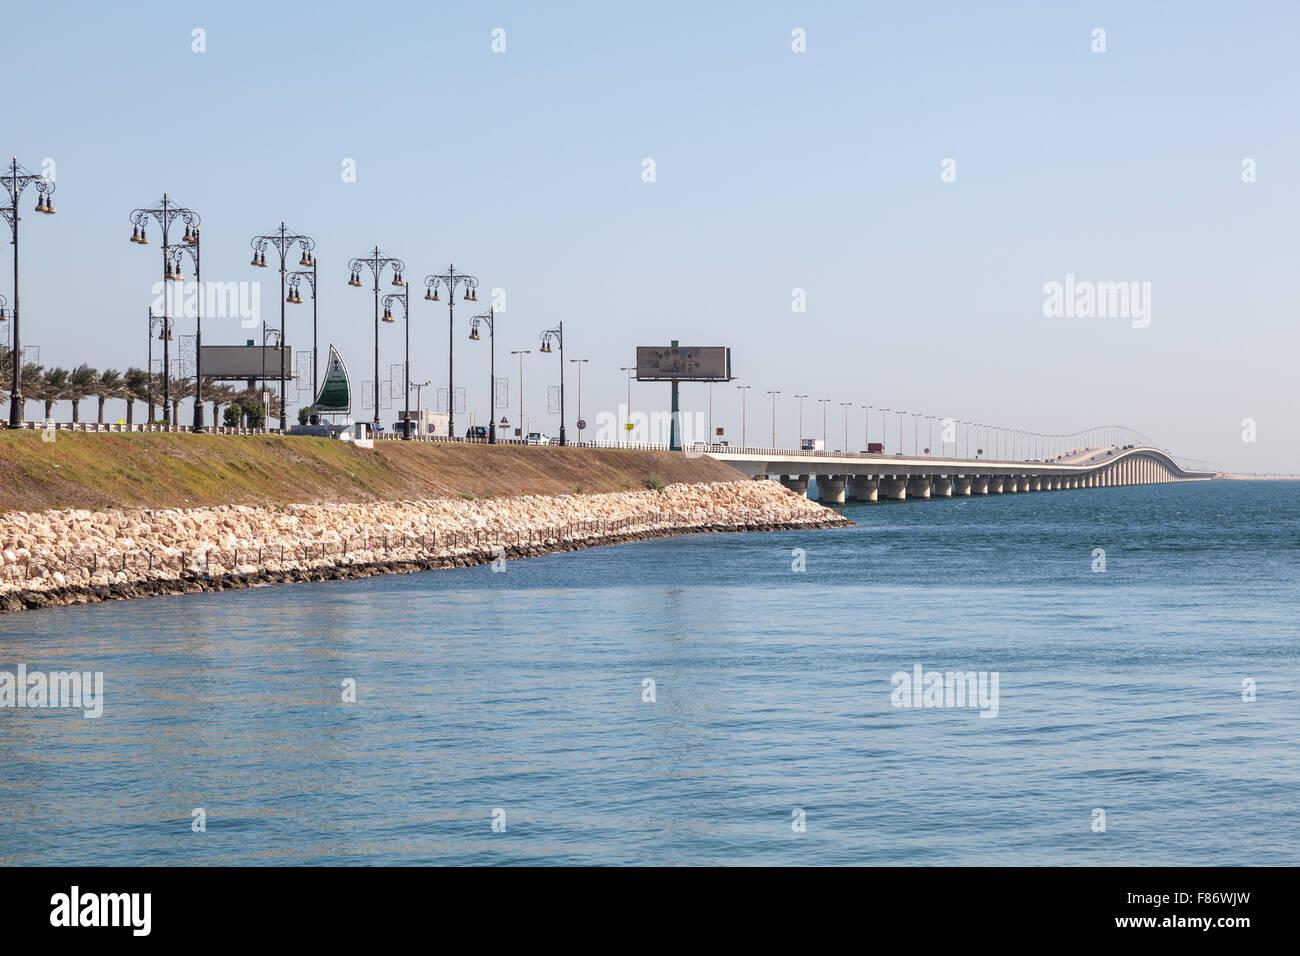 El Rey Fahd Causeway que conecta Arabia Saudita y Bahrein. El 15 de noviembre de 2015 en el Reino de Bahrein Imagen De Stock